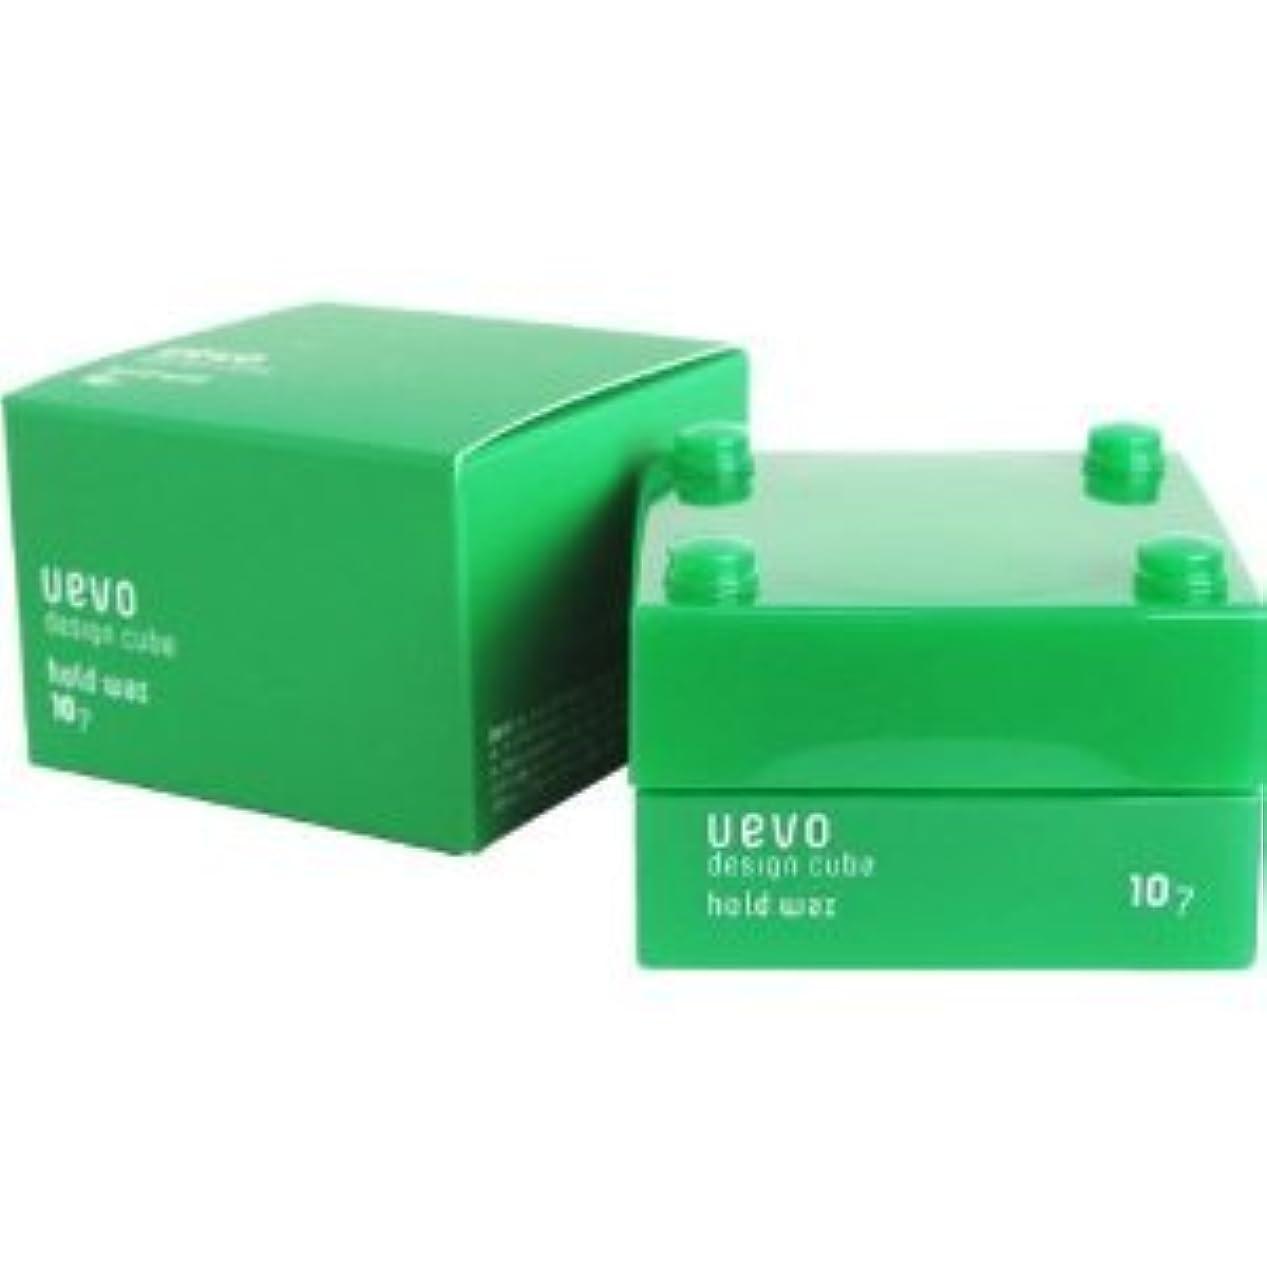 残るトムオードリース閃光【X3個セット】 デミ ウェーボ デザインキューブ ホールドワックス 30g hold wax DEMI uevo design cube